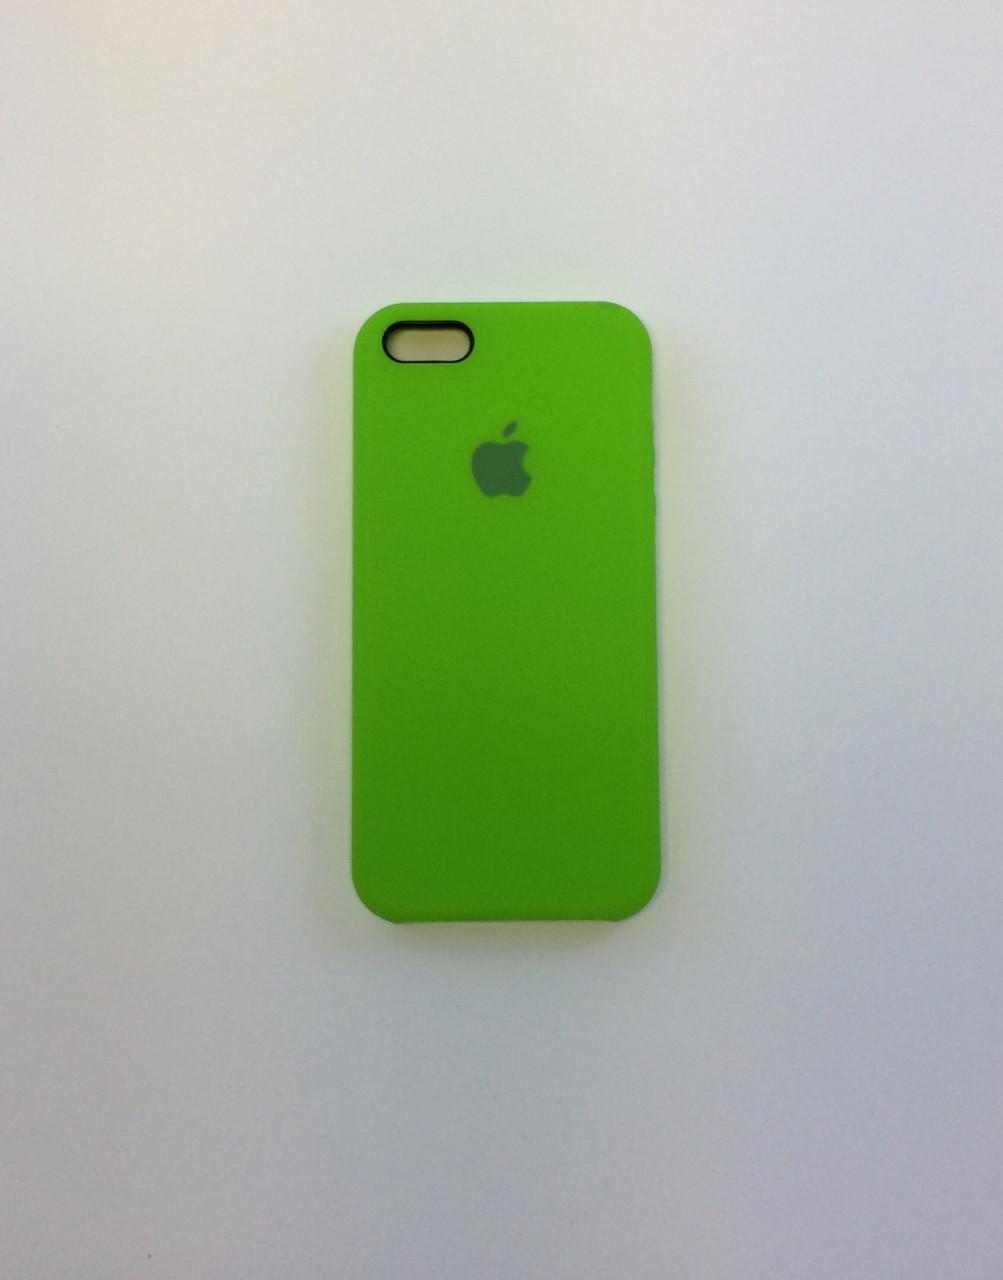 Силиконовый чехол для iPhone 5/5s/SE, - «лайм» - copy original